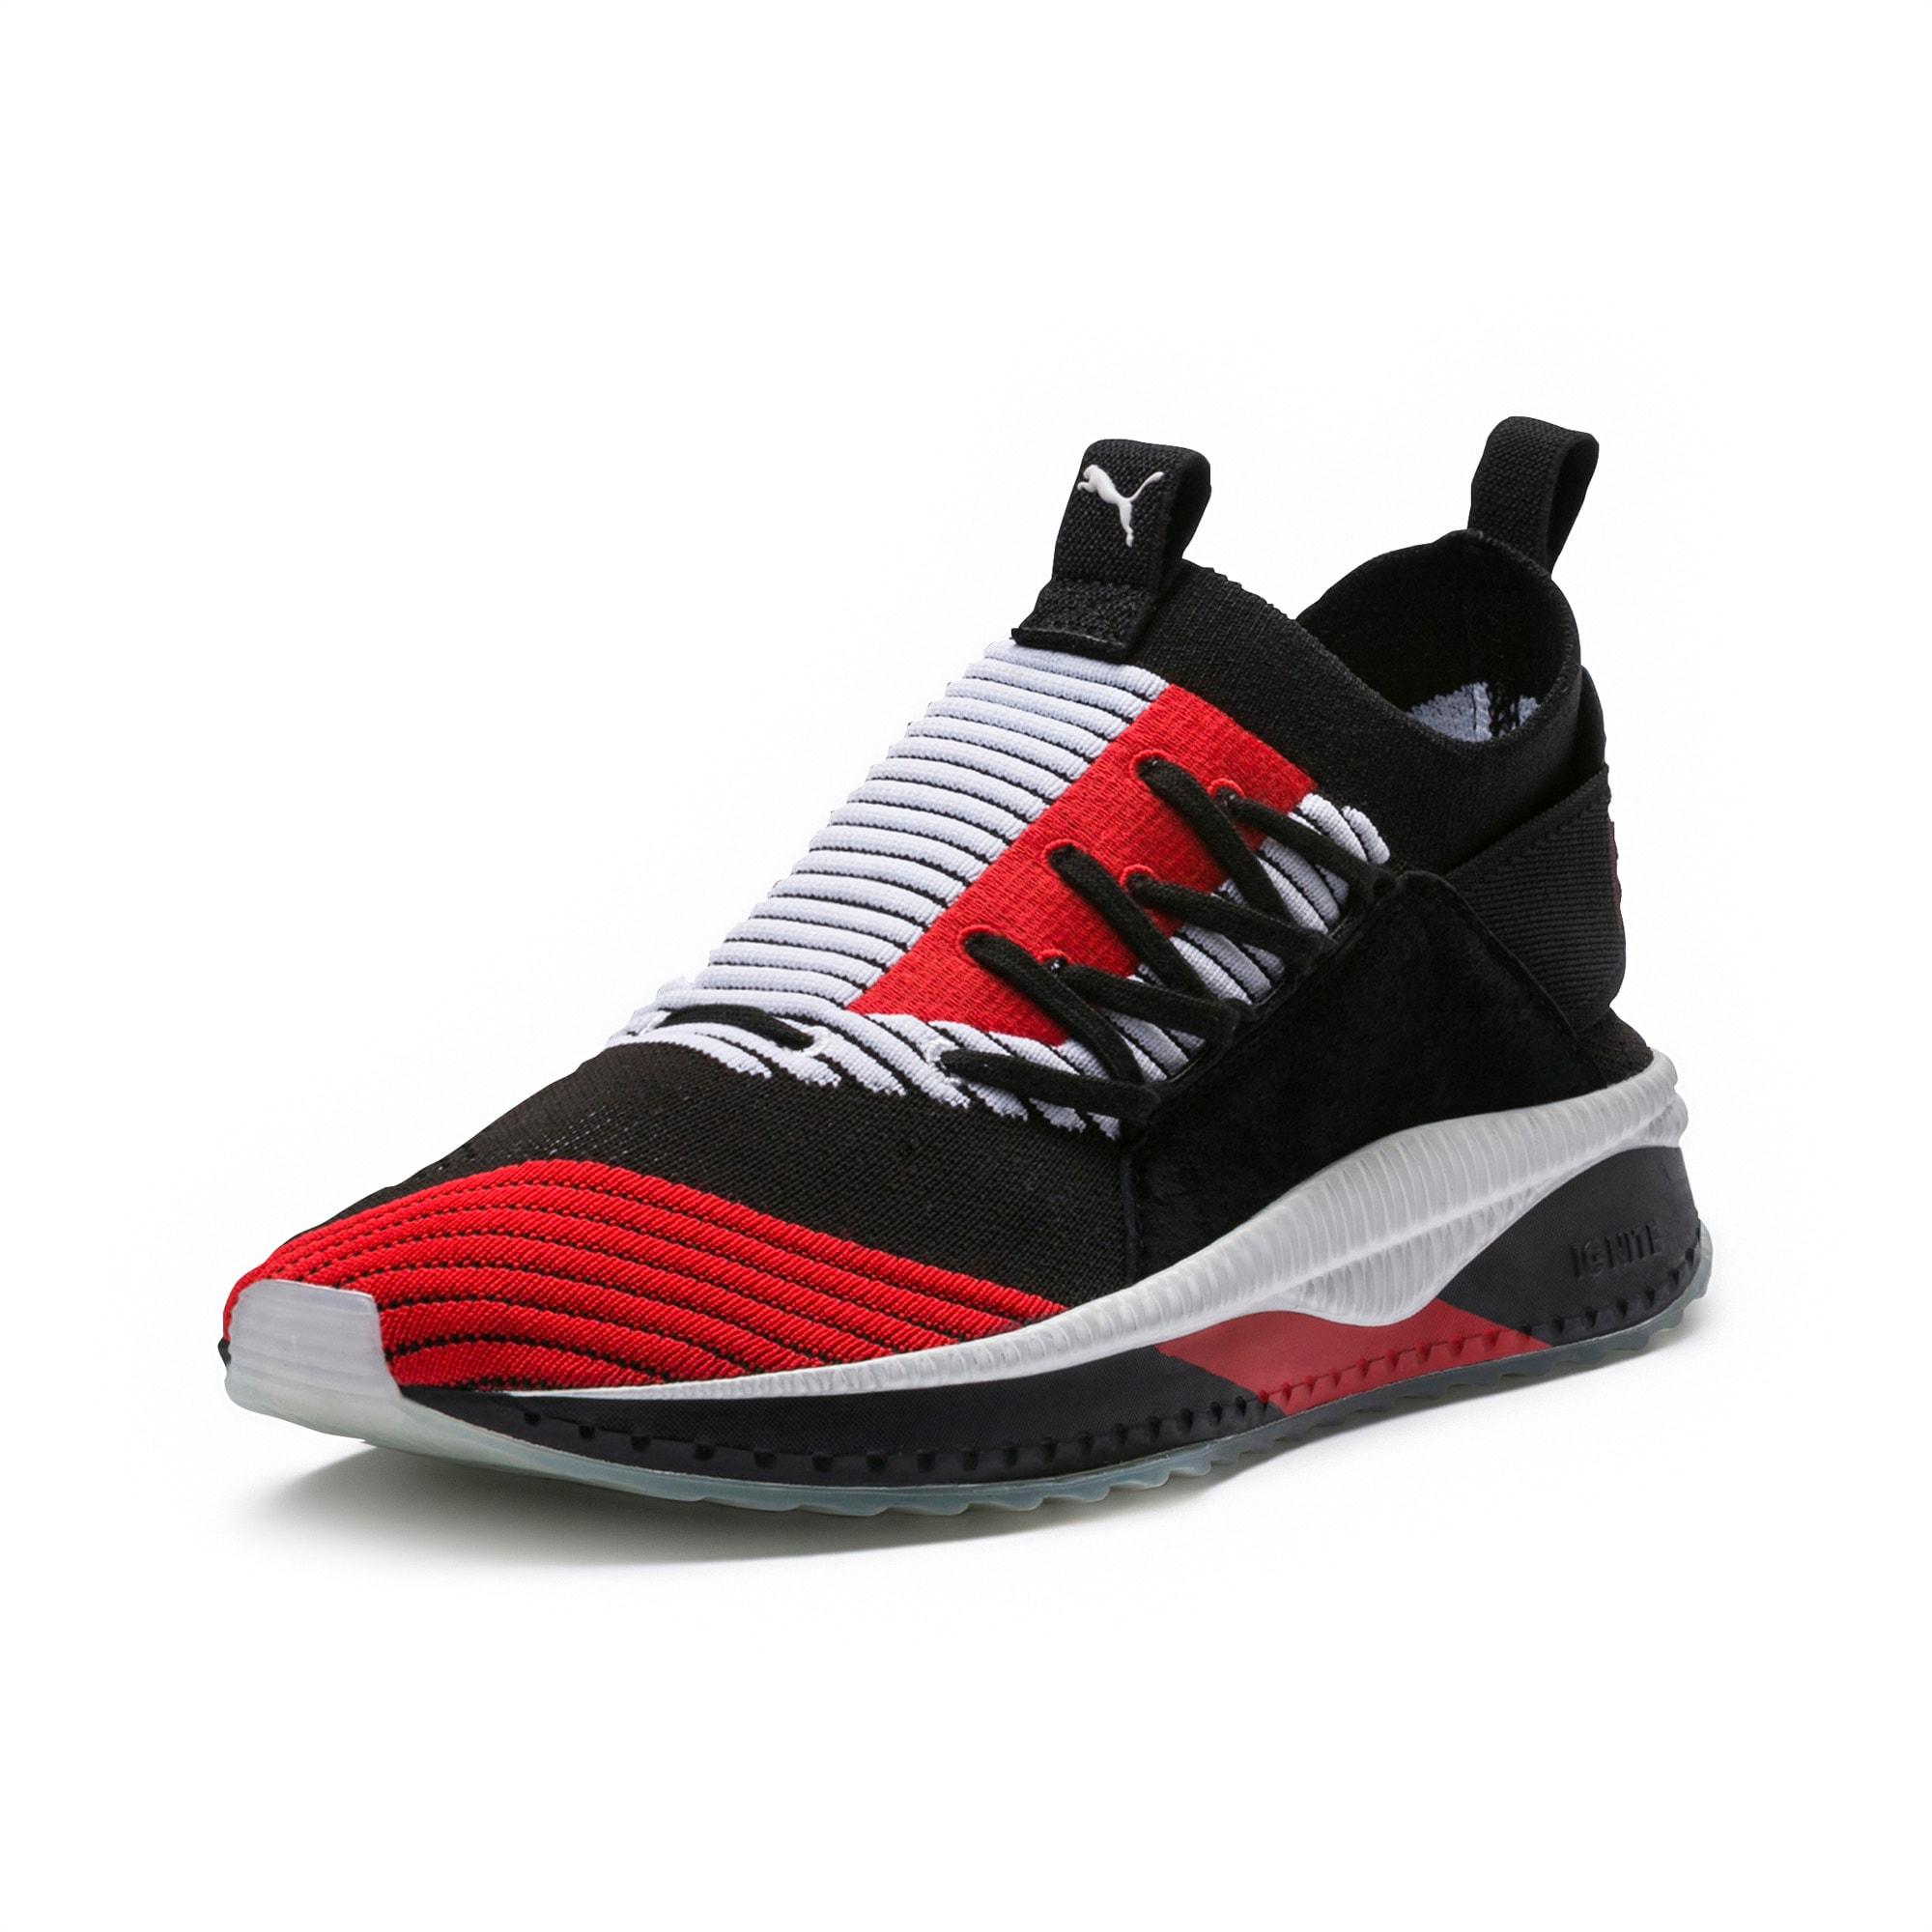 Puma Tsugi Jun Cubism Sneakers Herren Sneakers Puma auf